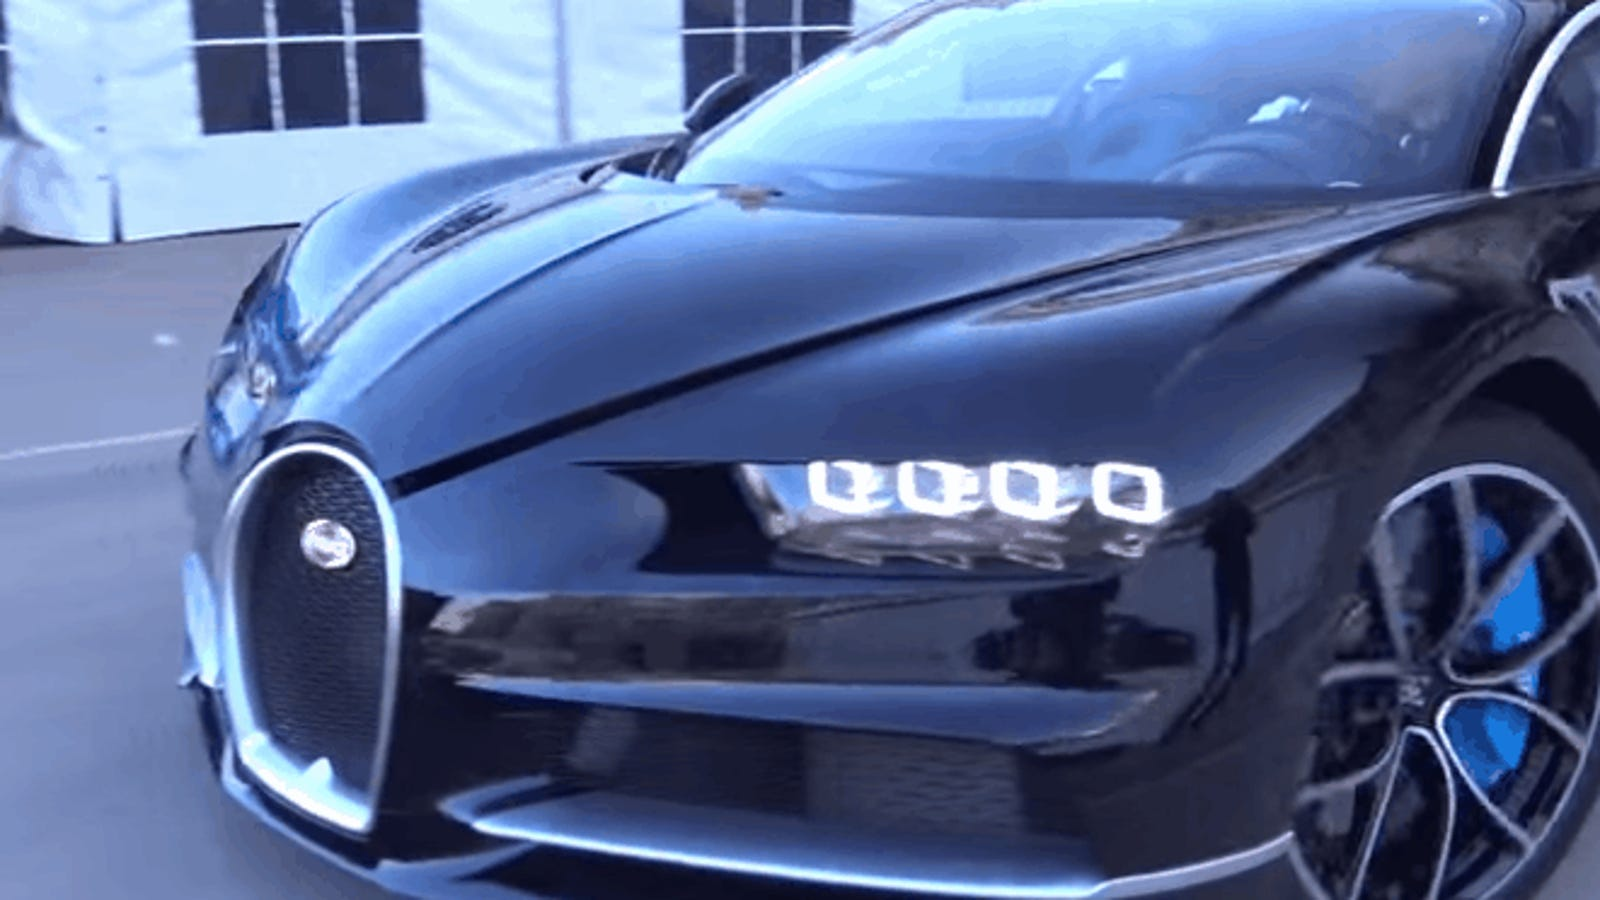 Así de impresionante suena el motor de 1500 caballos de un auto de 3 millones de dólares